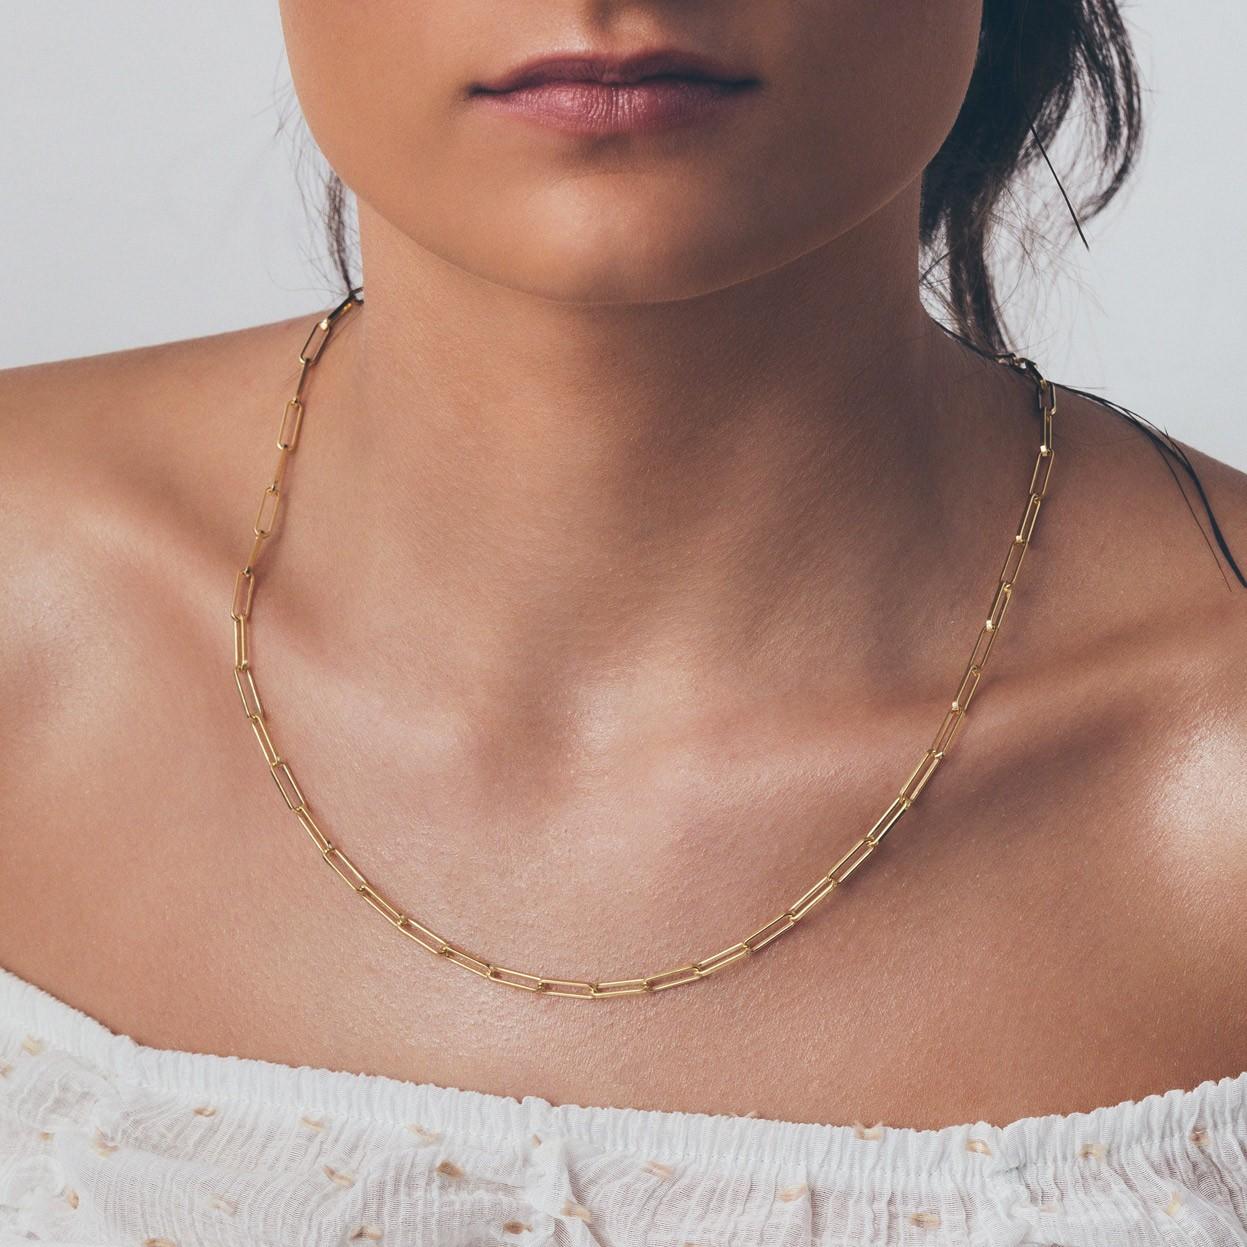 Srebrny łańcuszek do wpinania charmsów 925